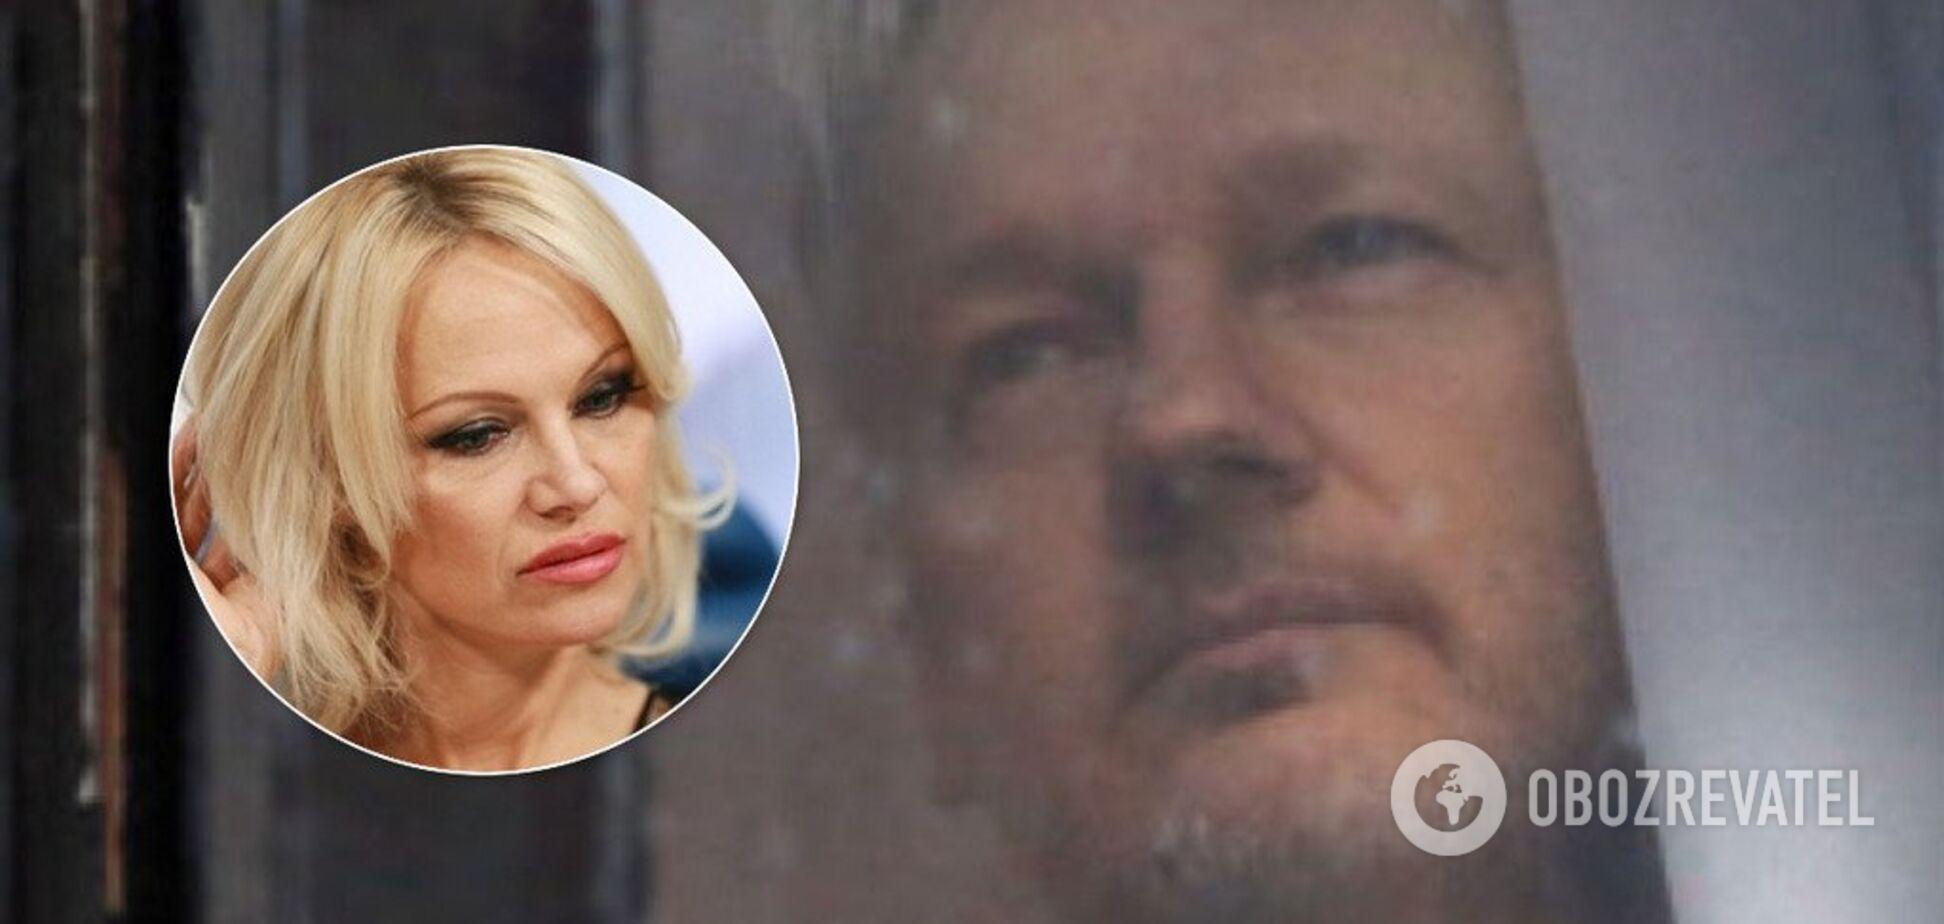 'Подстилка Америки': Памела Андерсон жестко ответила на арест Ассанжа